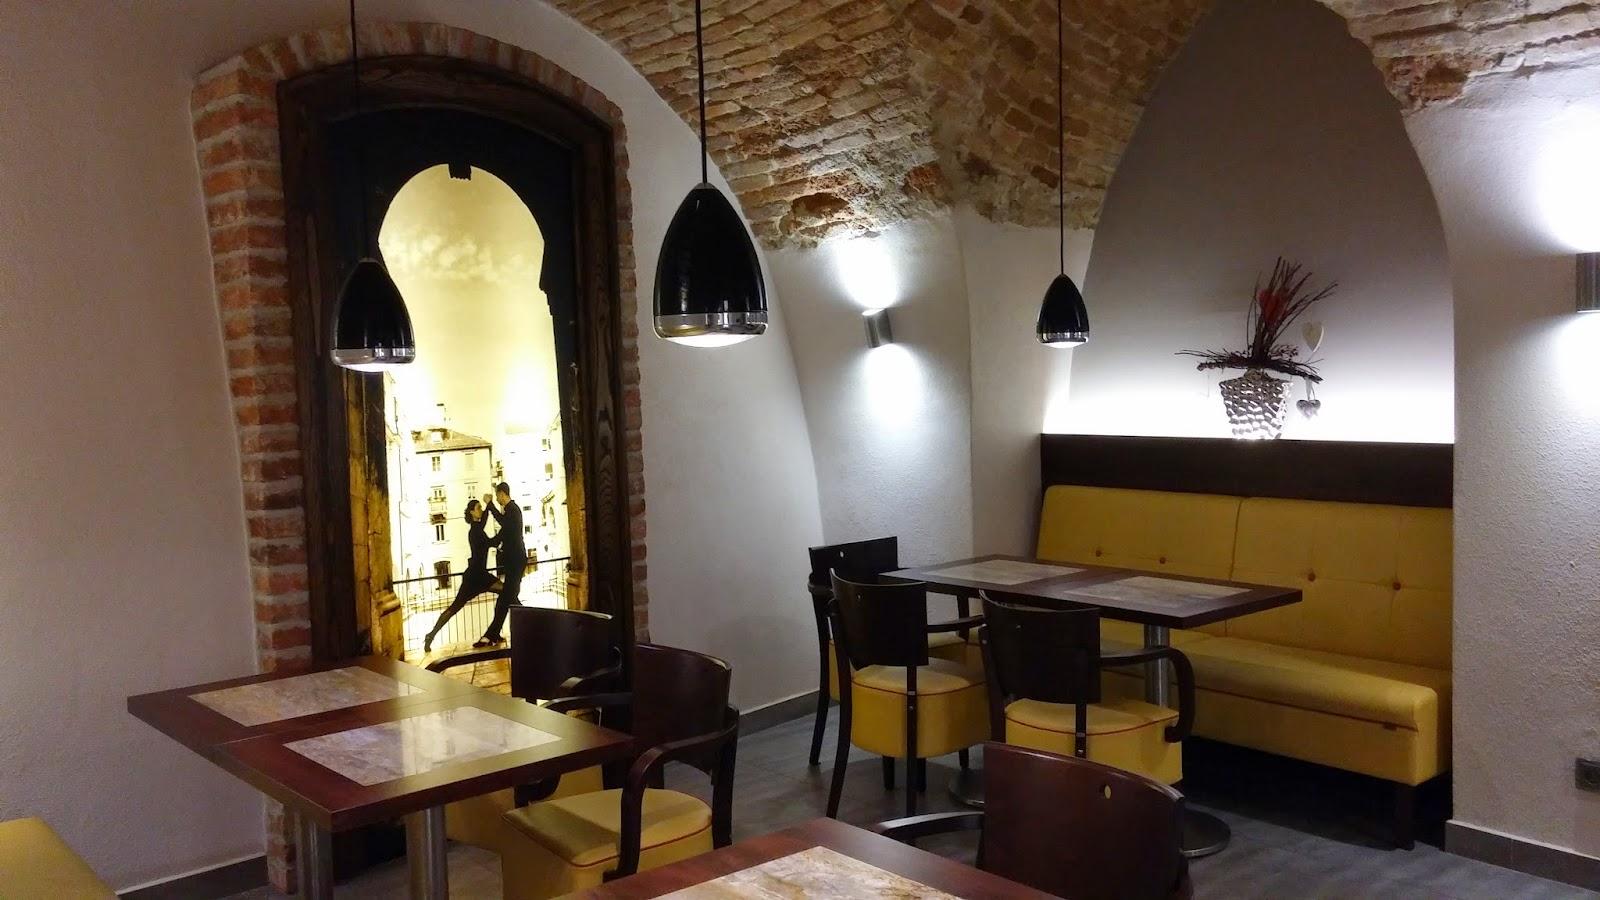 Interiér kavárny U Mlsného kocoura